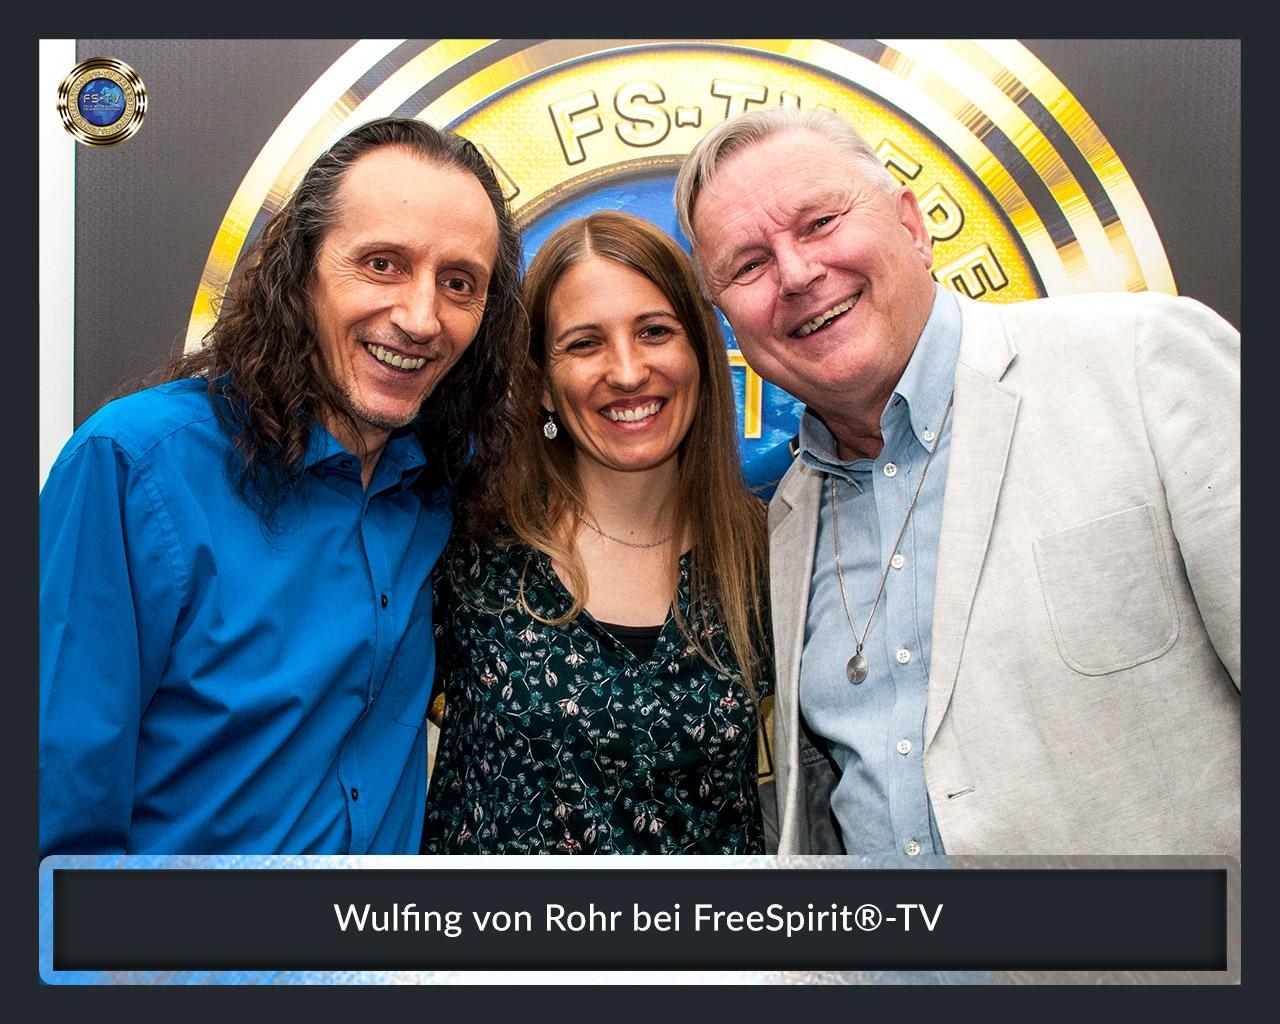 FS-TV-Bildergallerie-Wulfing-5